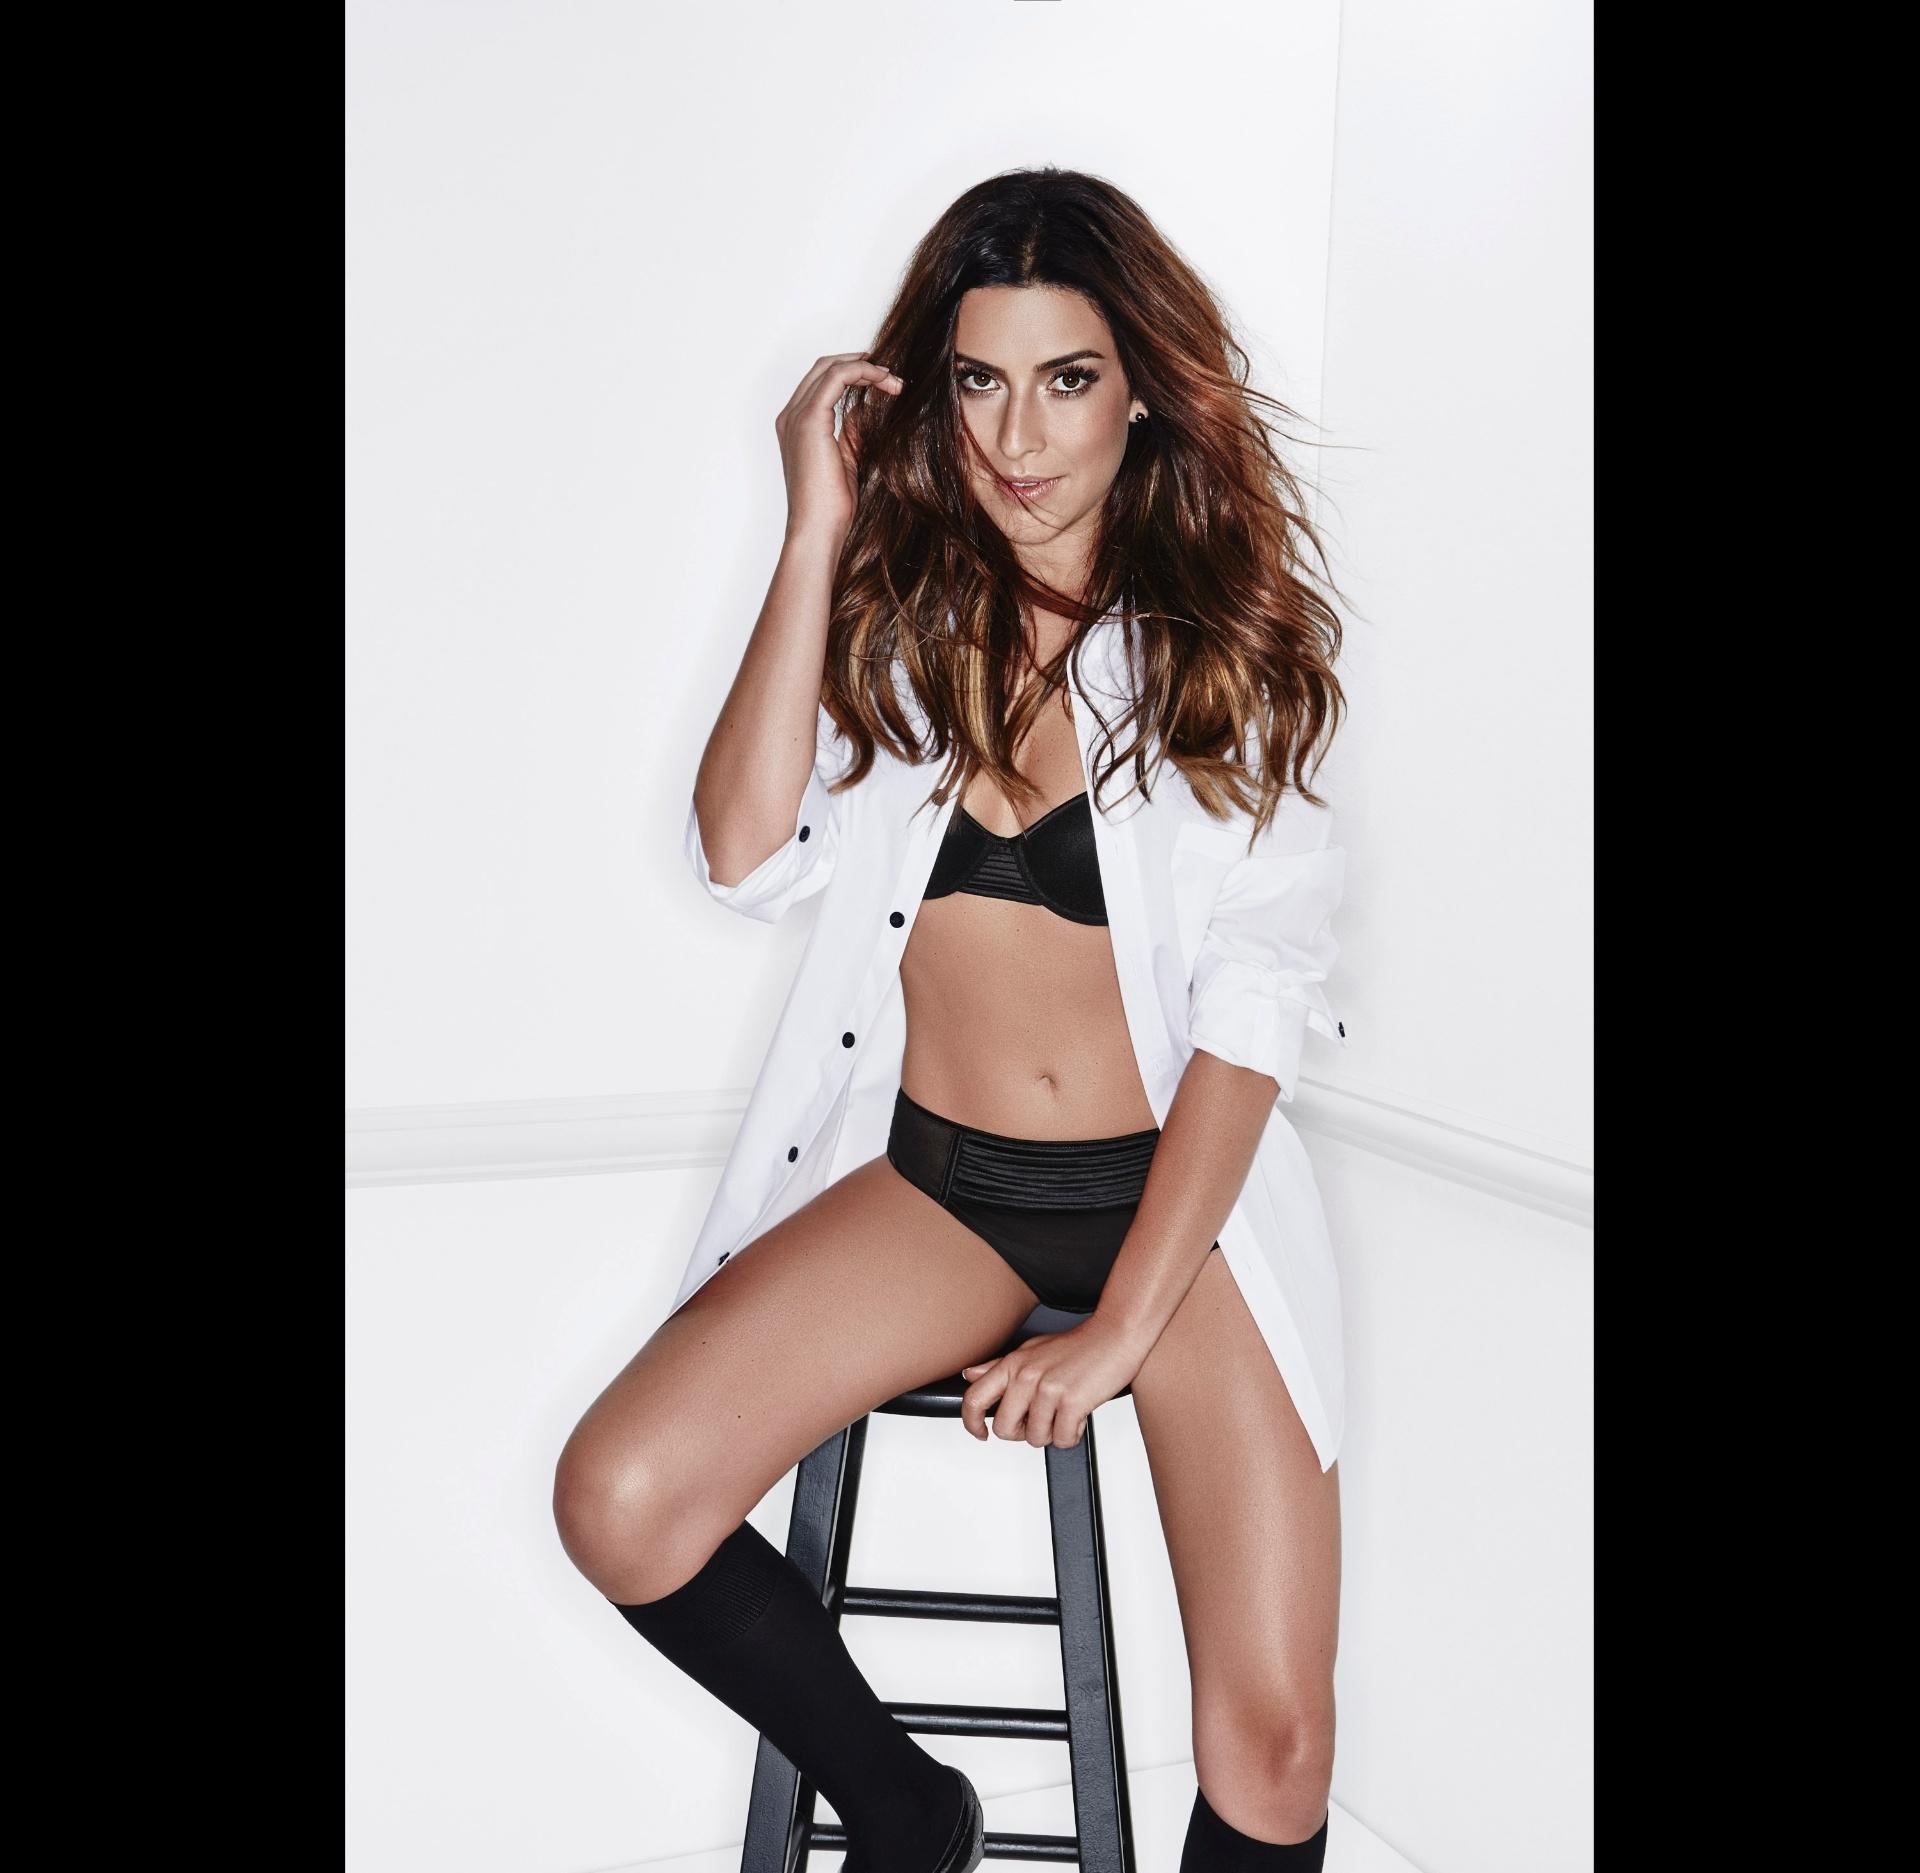 21.nov.2013- Fernanda Paes Leme em foto provocante só de lingerie